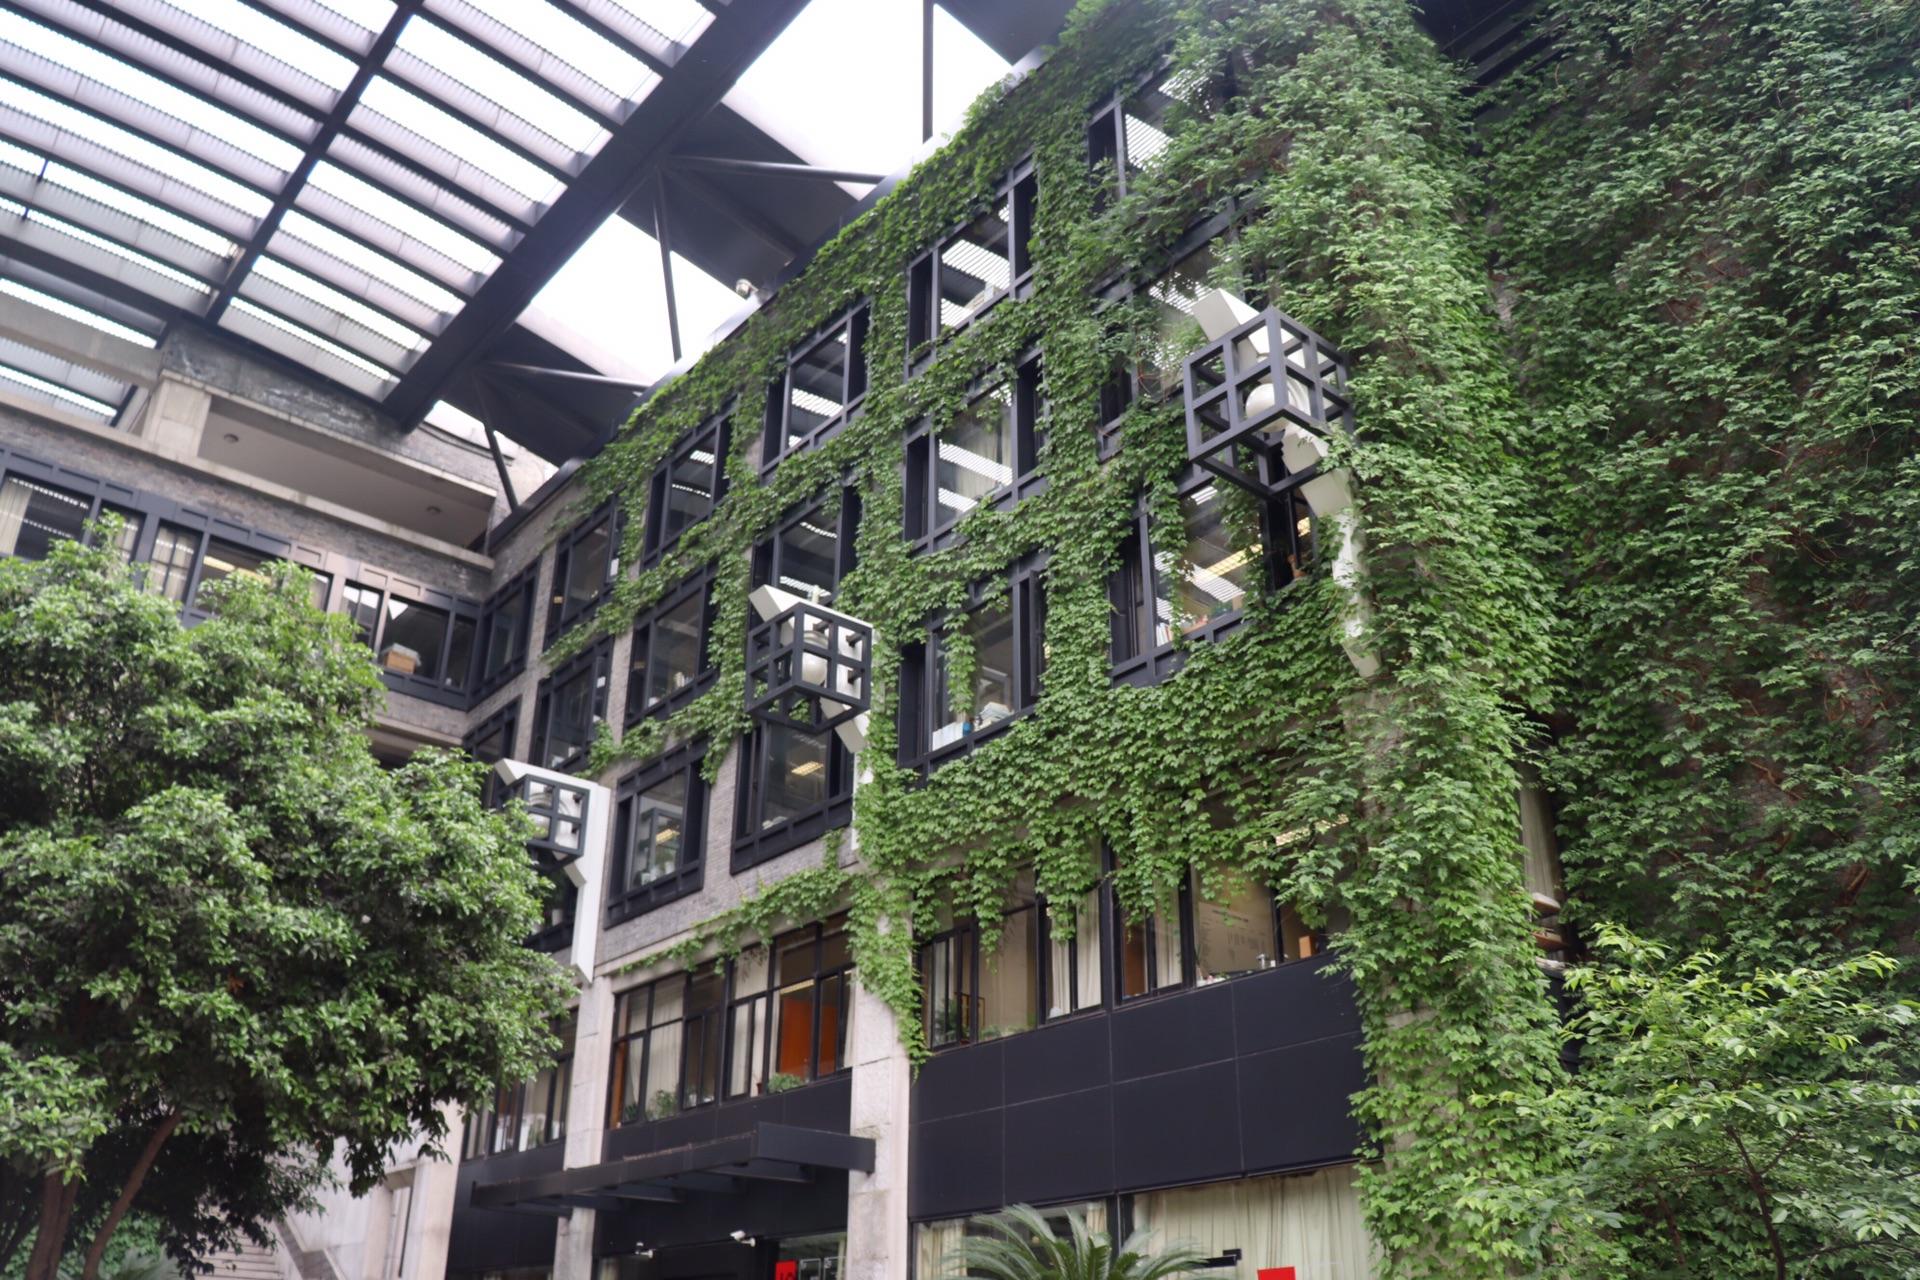 中国美术学院象山校区可以进去参观吗,中国美术学院象山校区游览路线